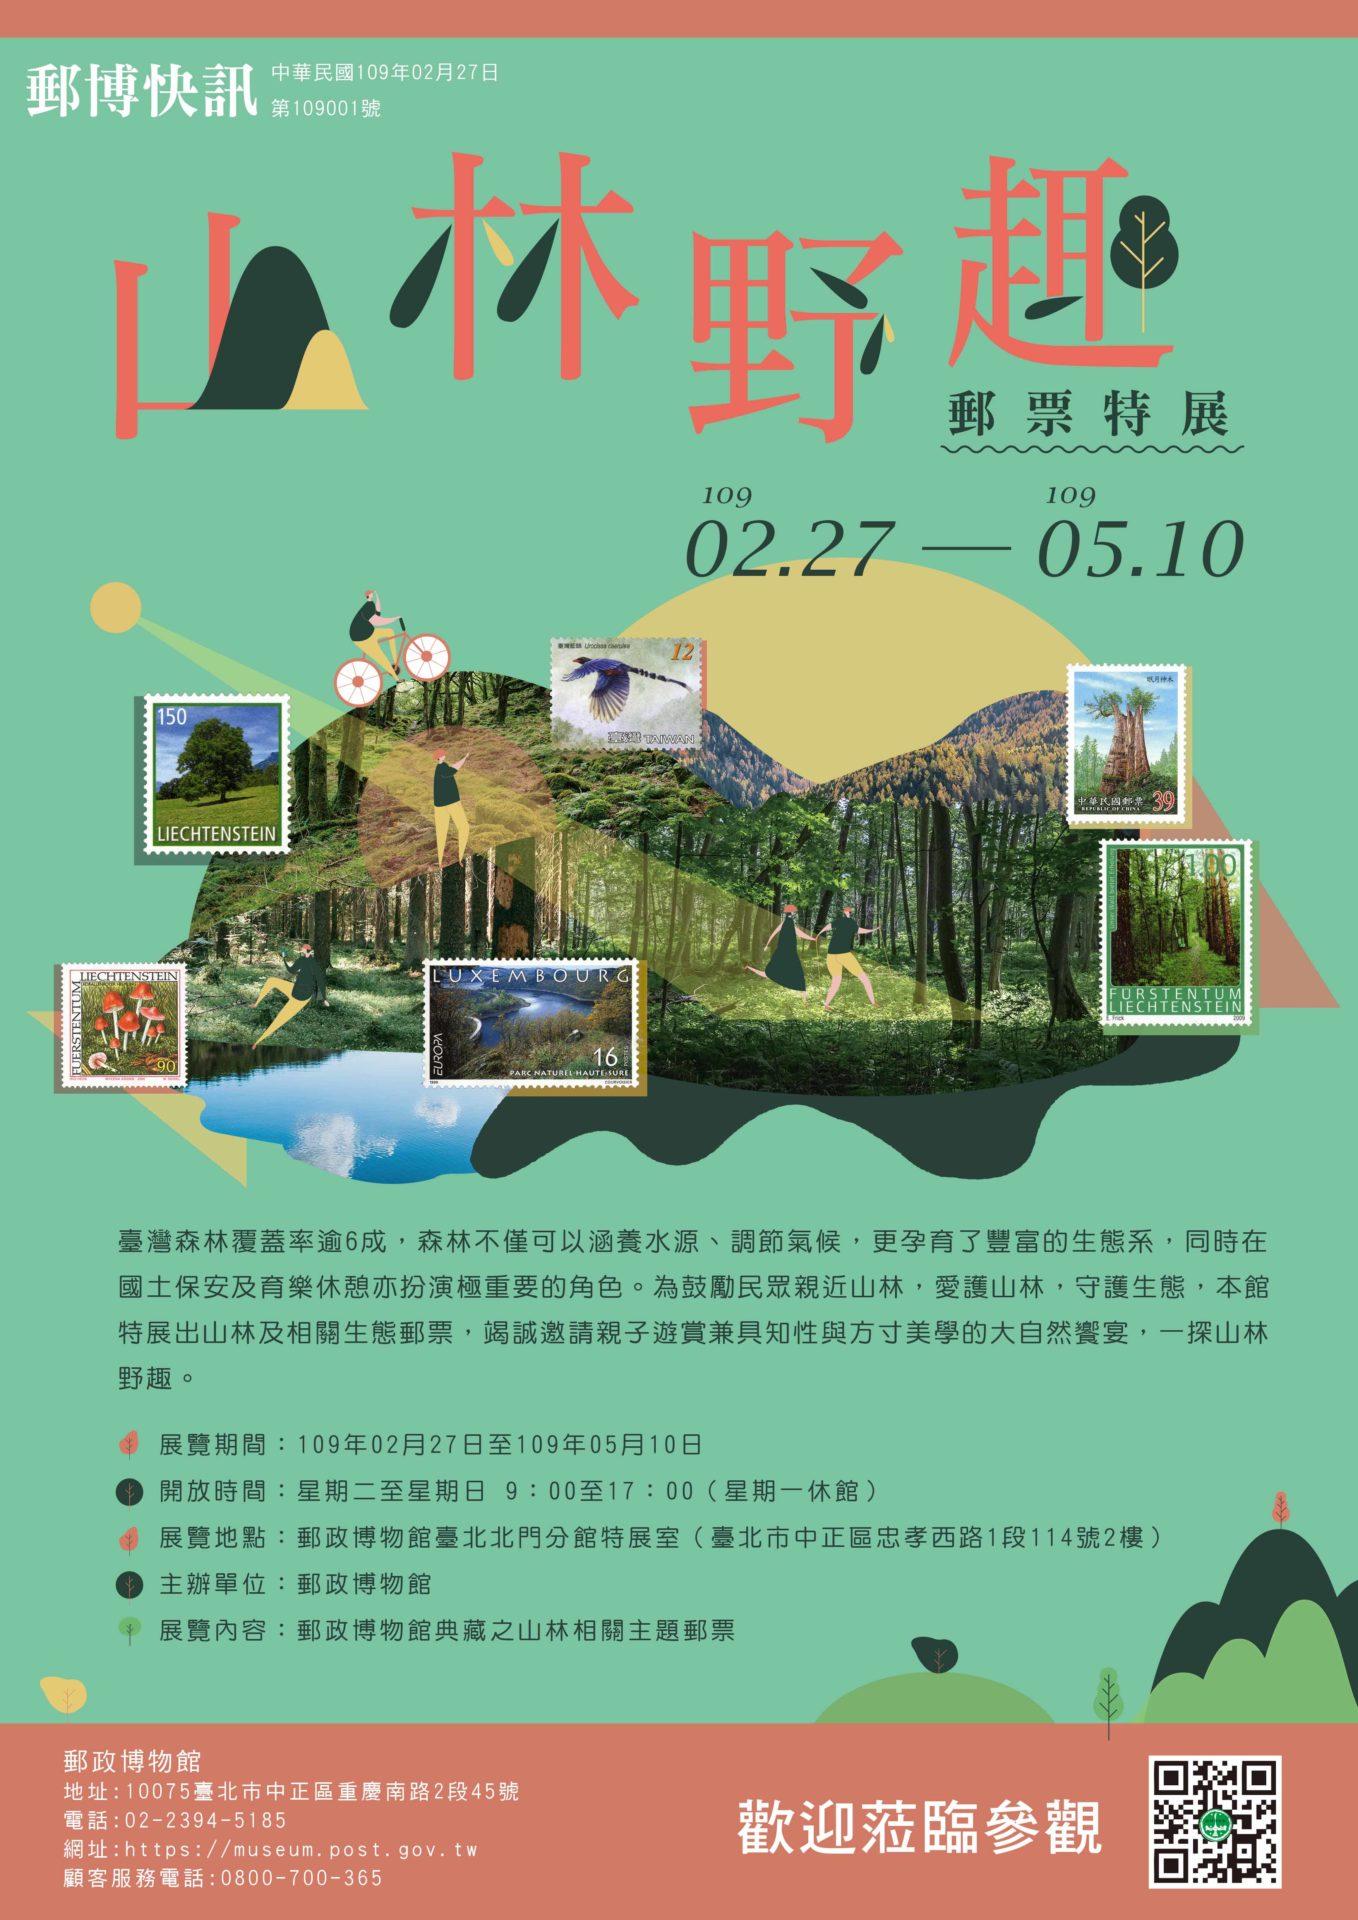 郵政博物館:2020/02/27-05/10【山林野趣郵票特展】